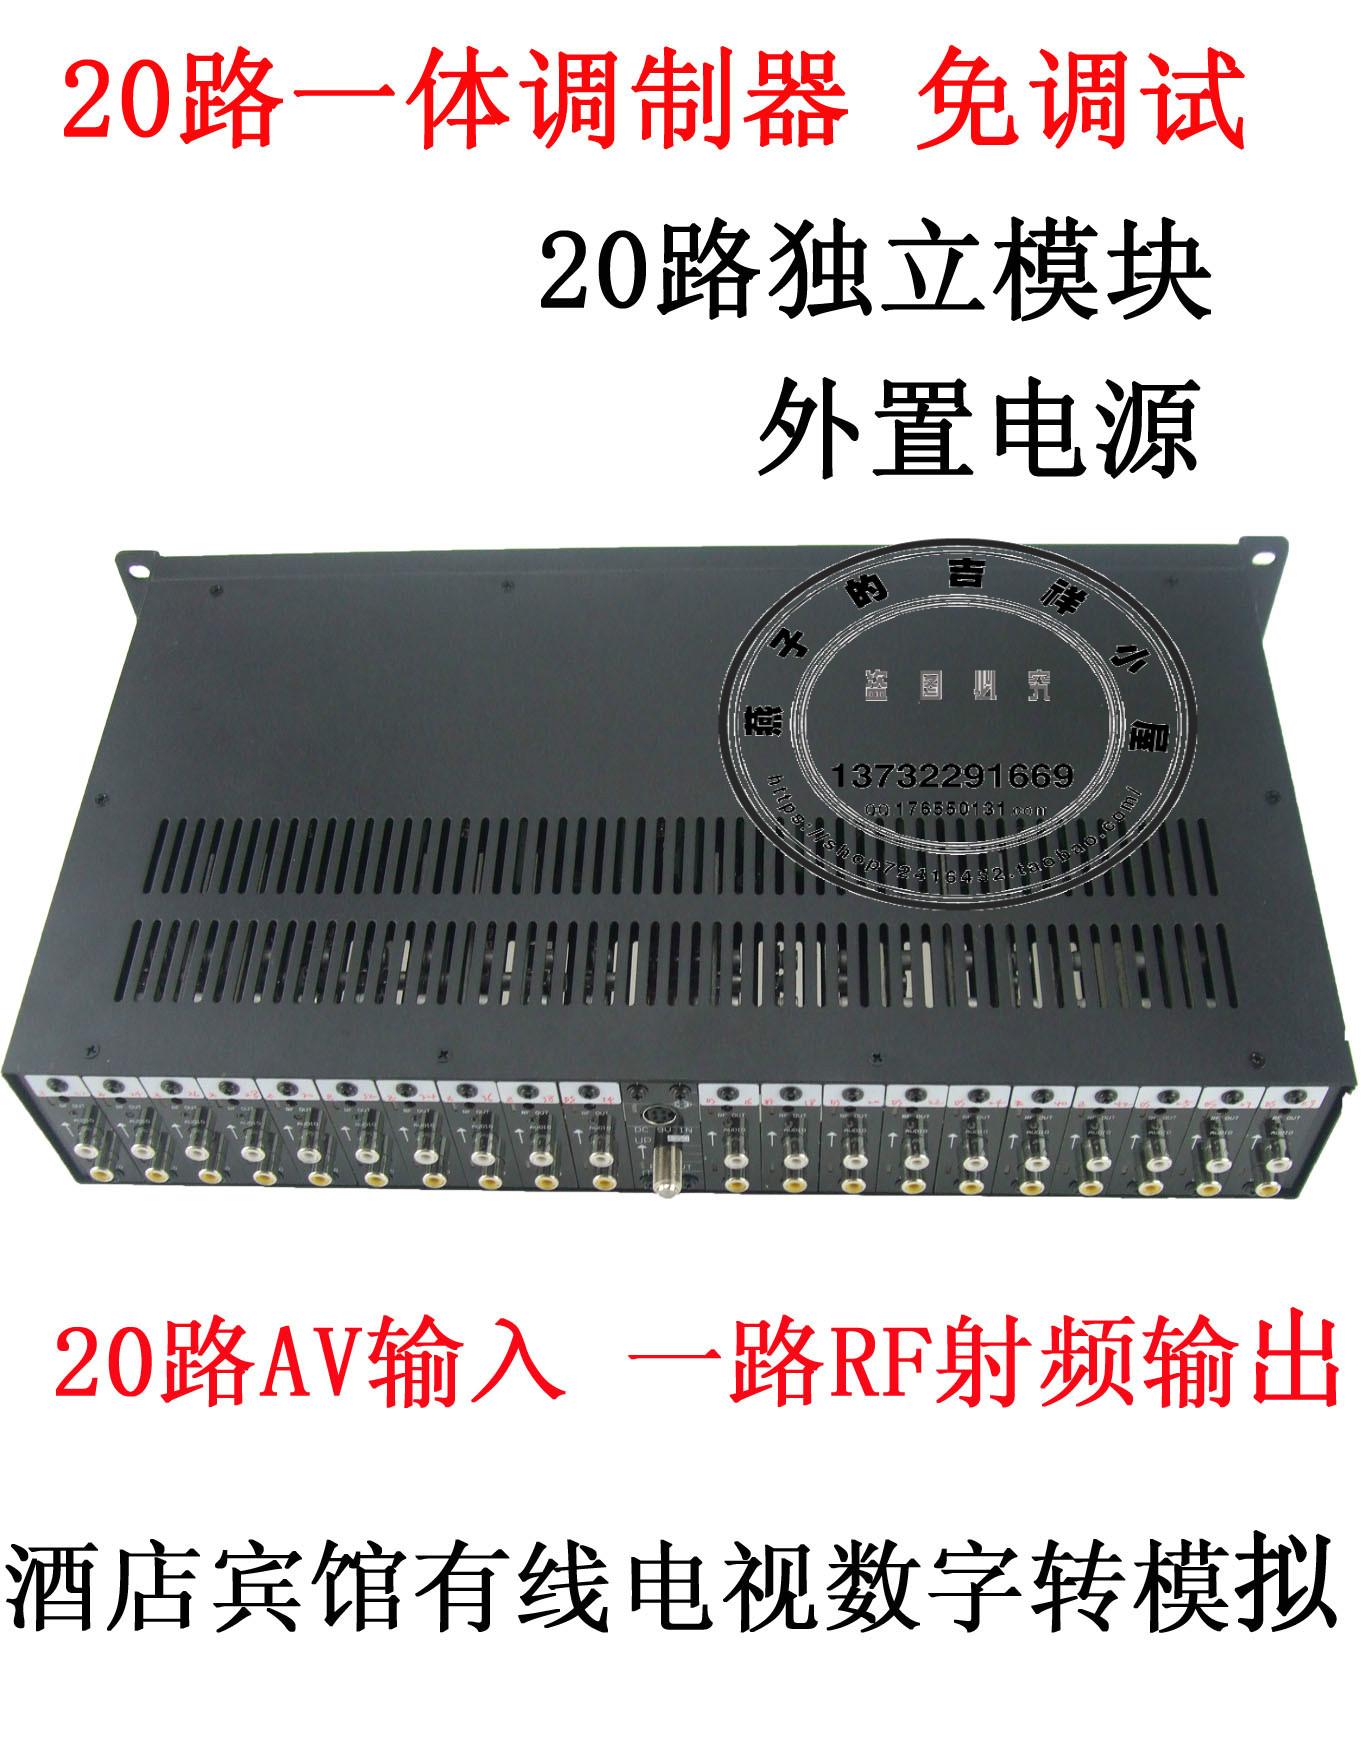 多路一体混频器20路有线电视调制解调器音视频转模拟AV转RF转换器